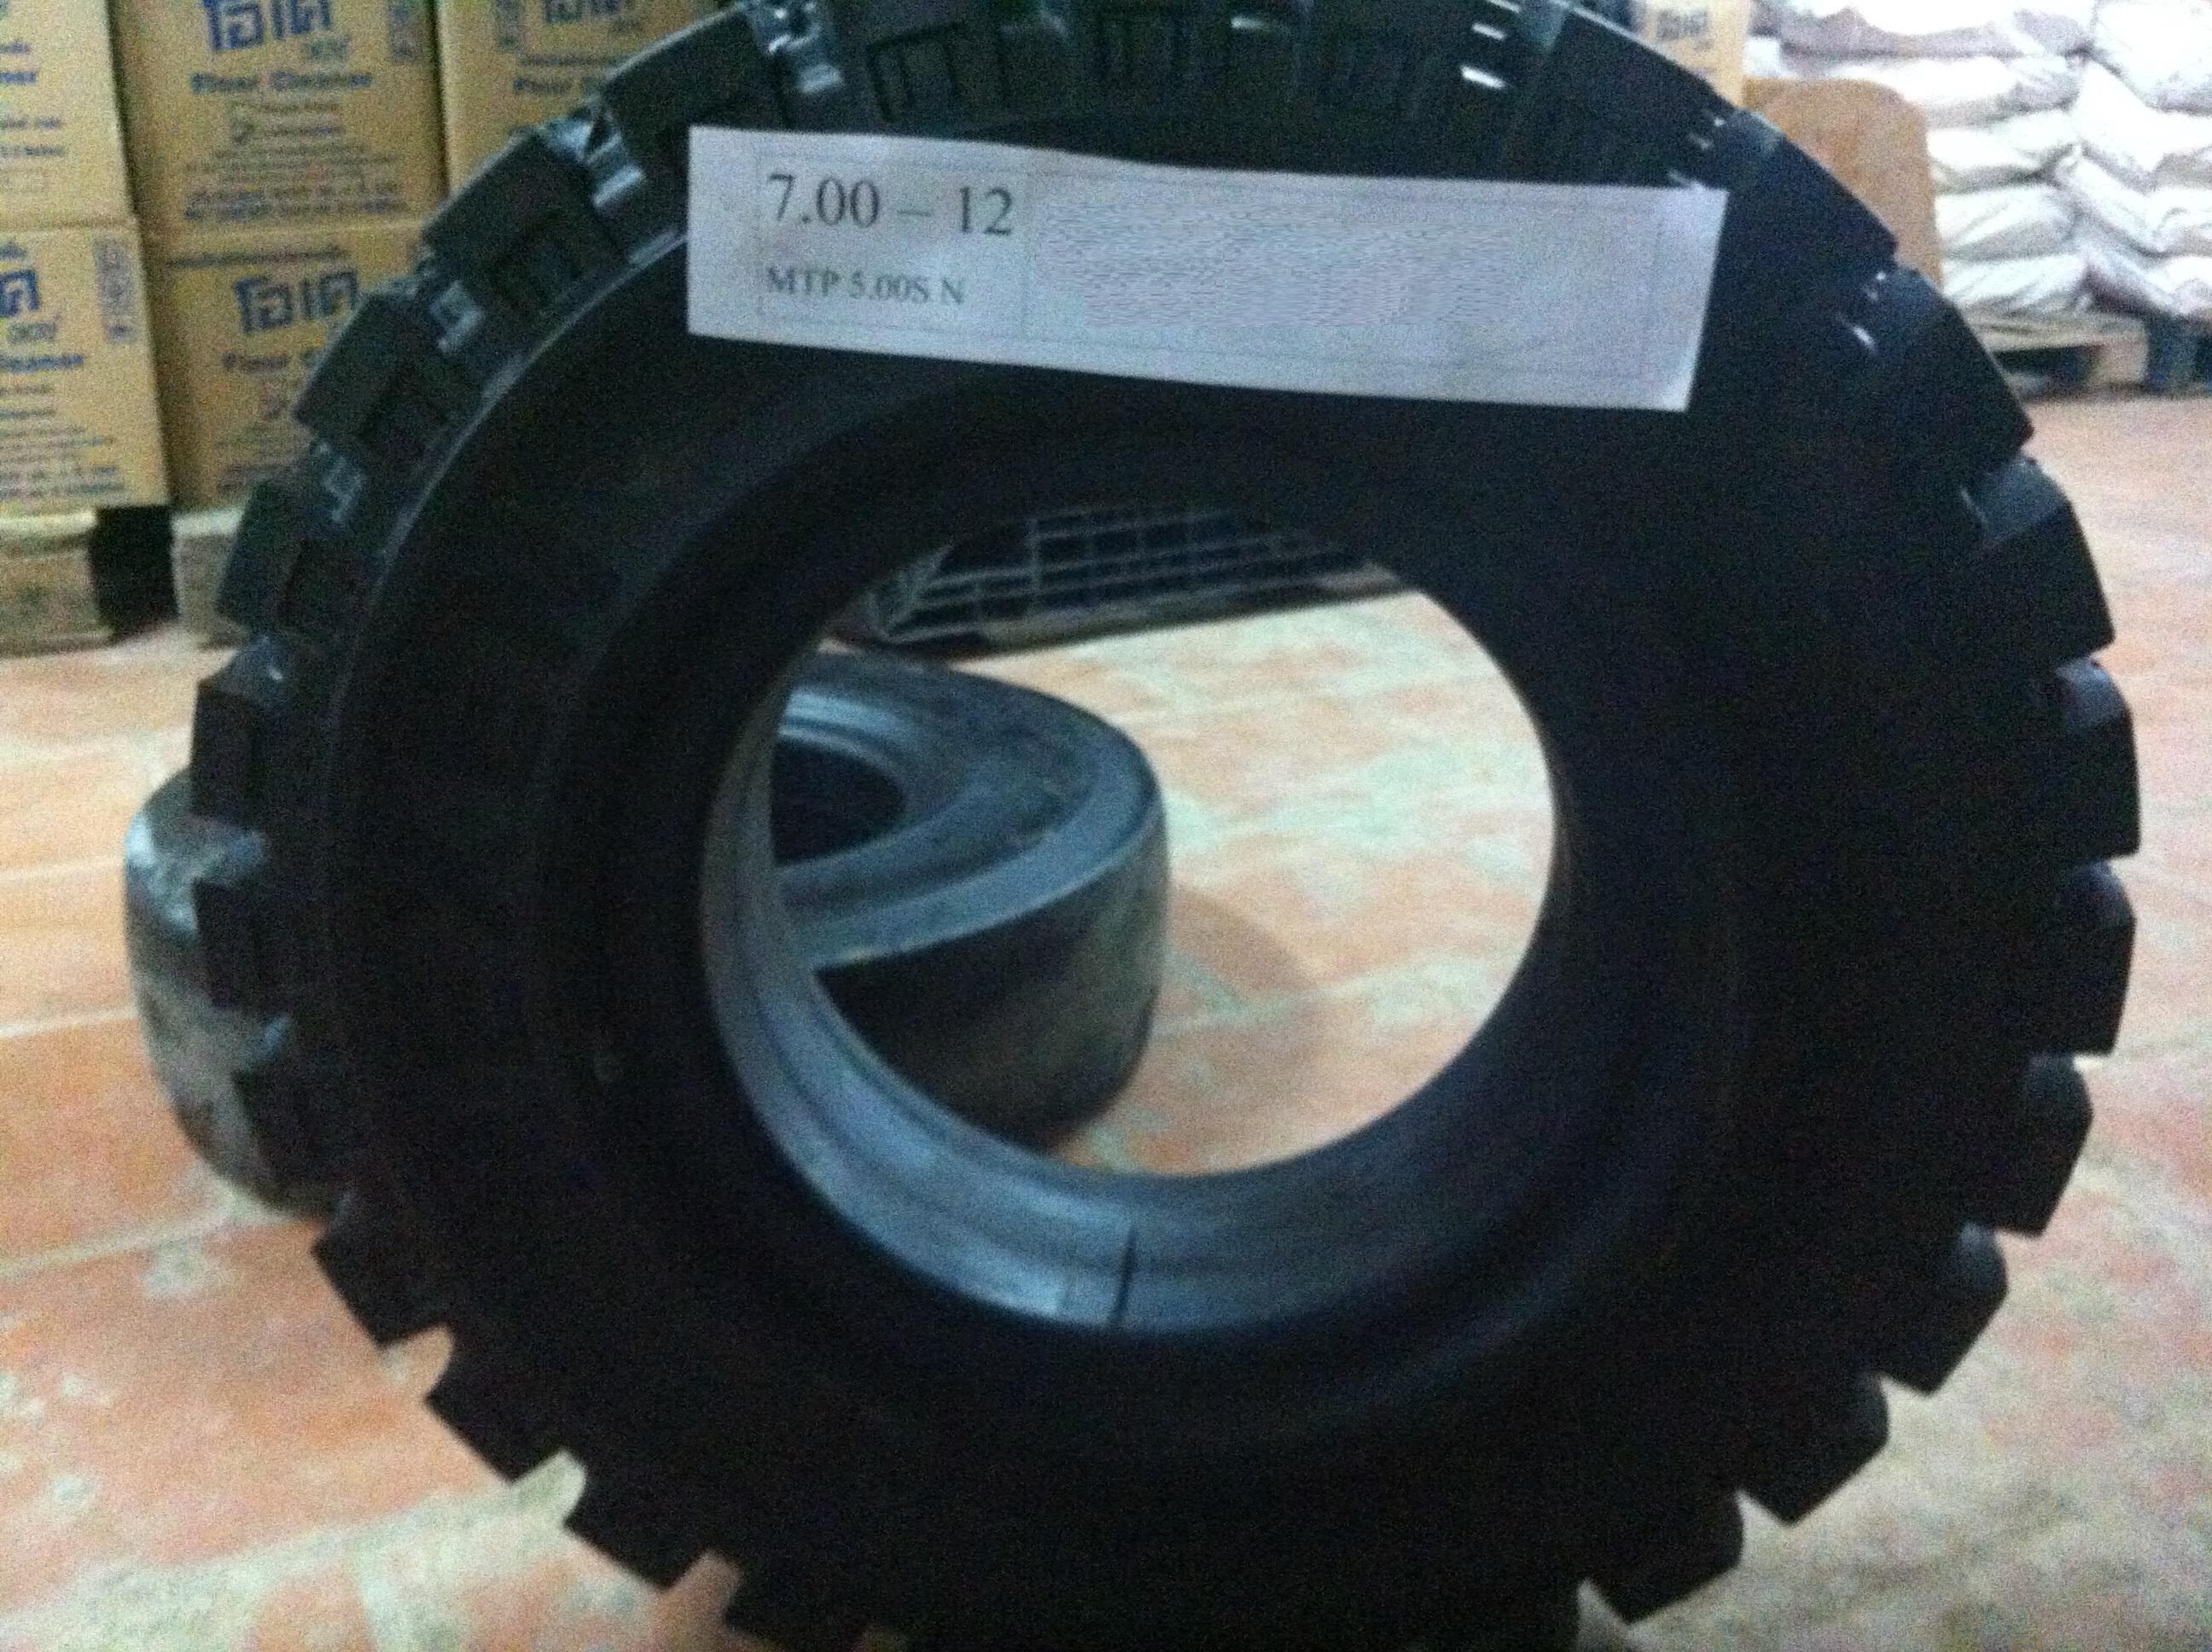 Lốp (vỏ) xe nâng dặc 700-12 có vân của NEXEN Hàn Quốc